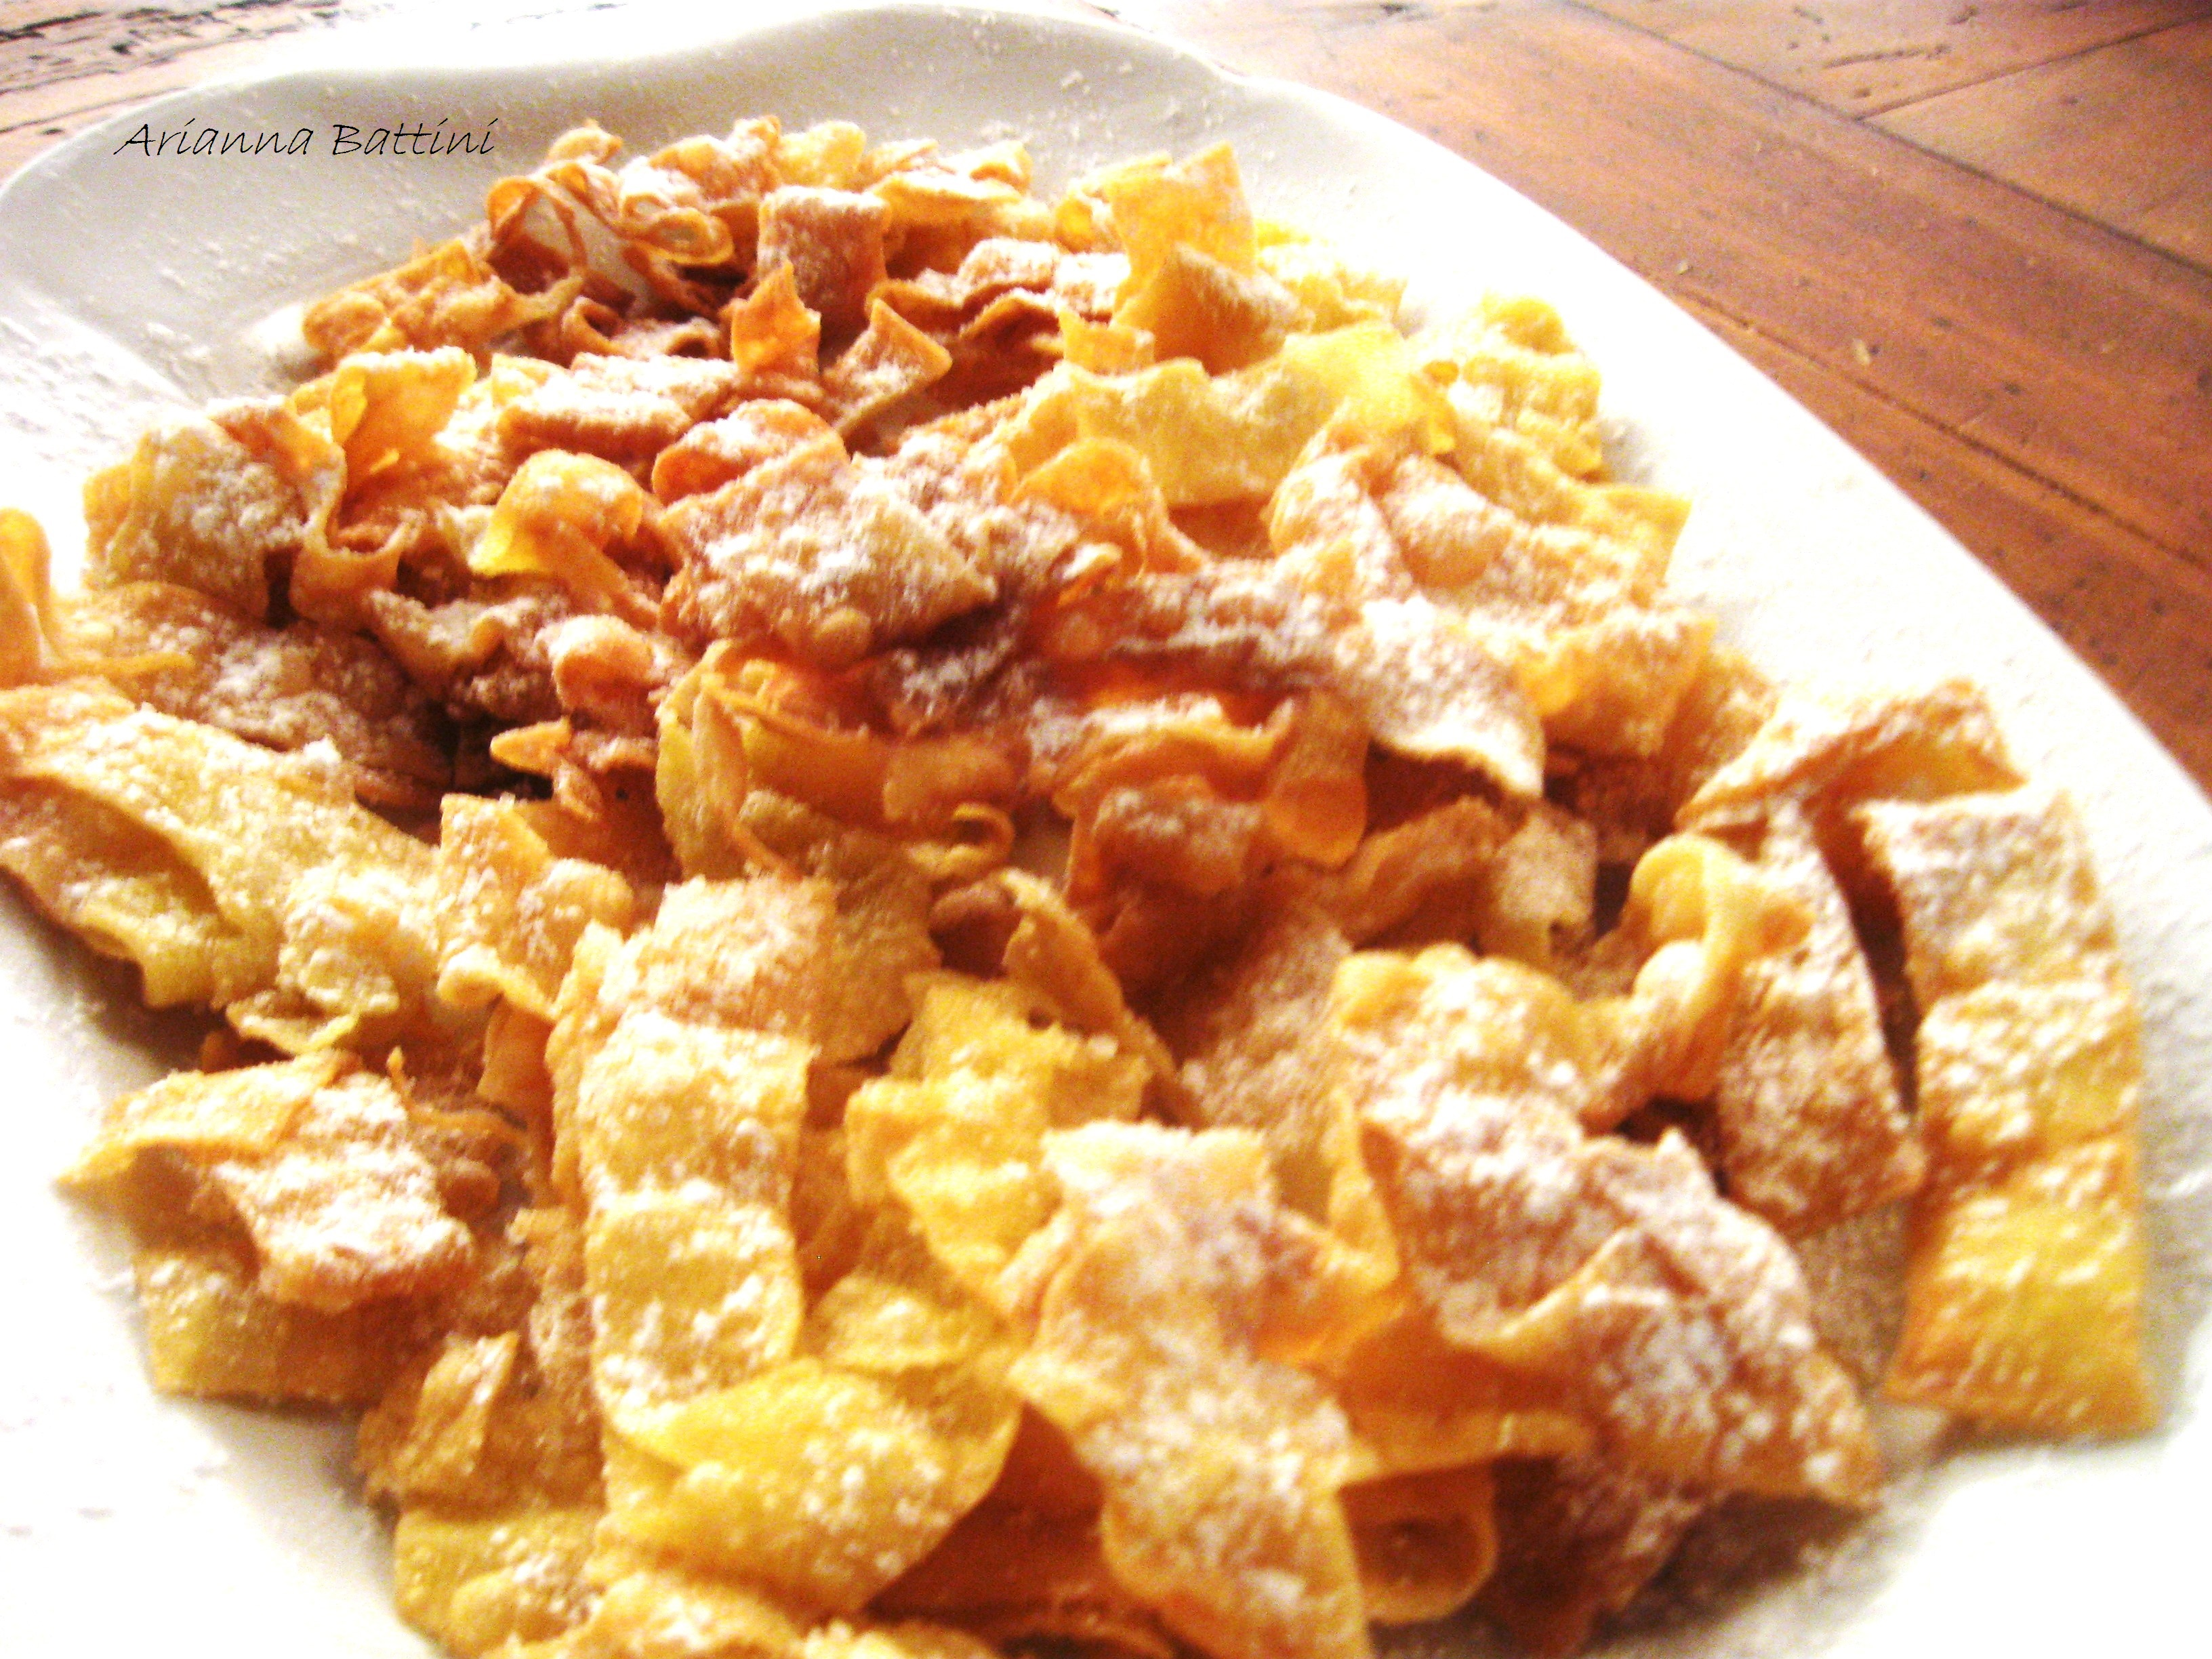 Tagliatelle fresche emiliane fritte in Olio Evo Calabrese.